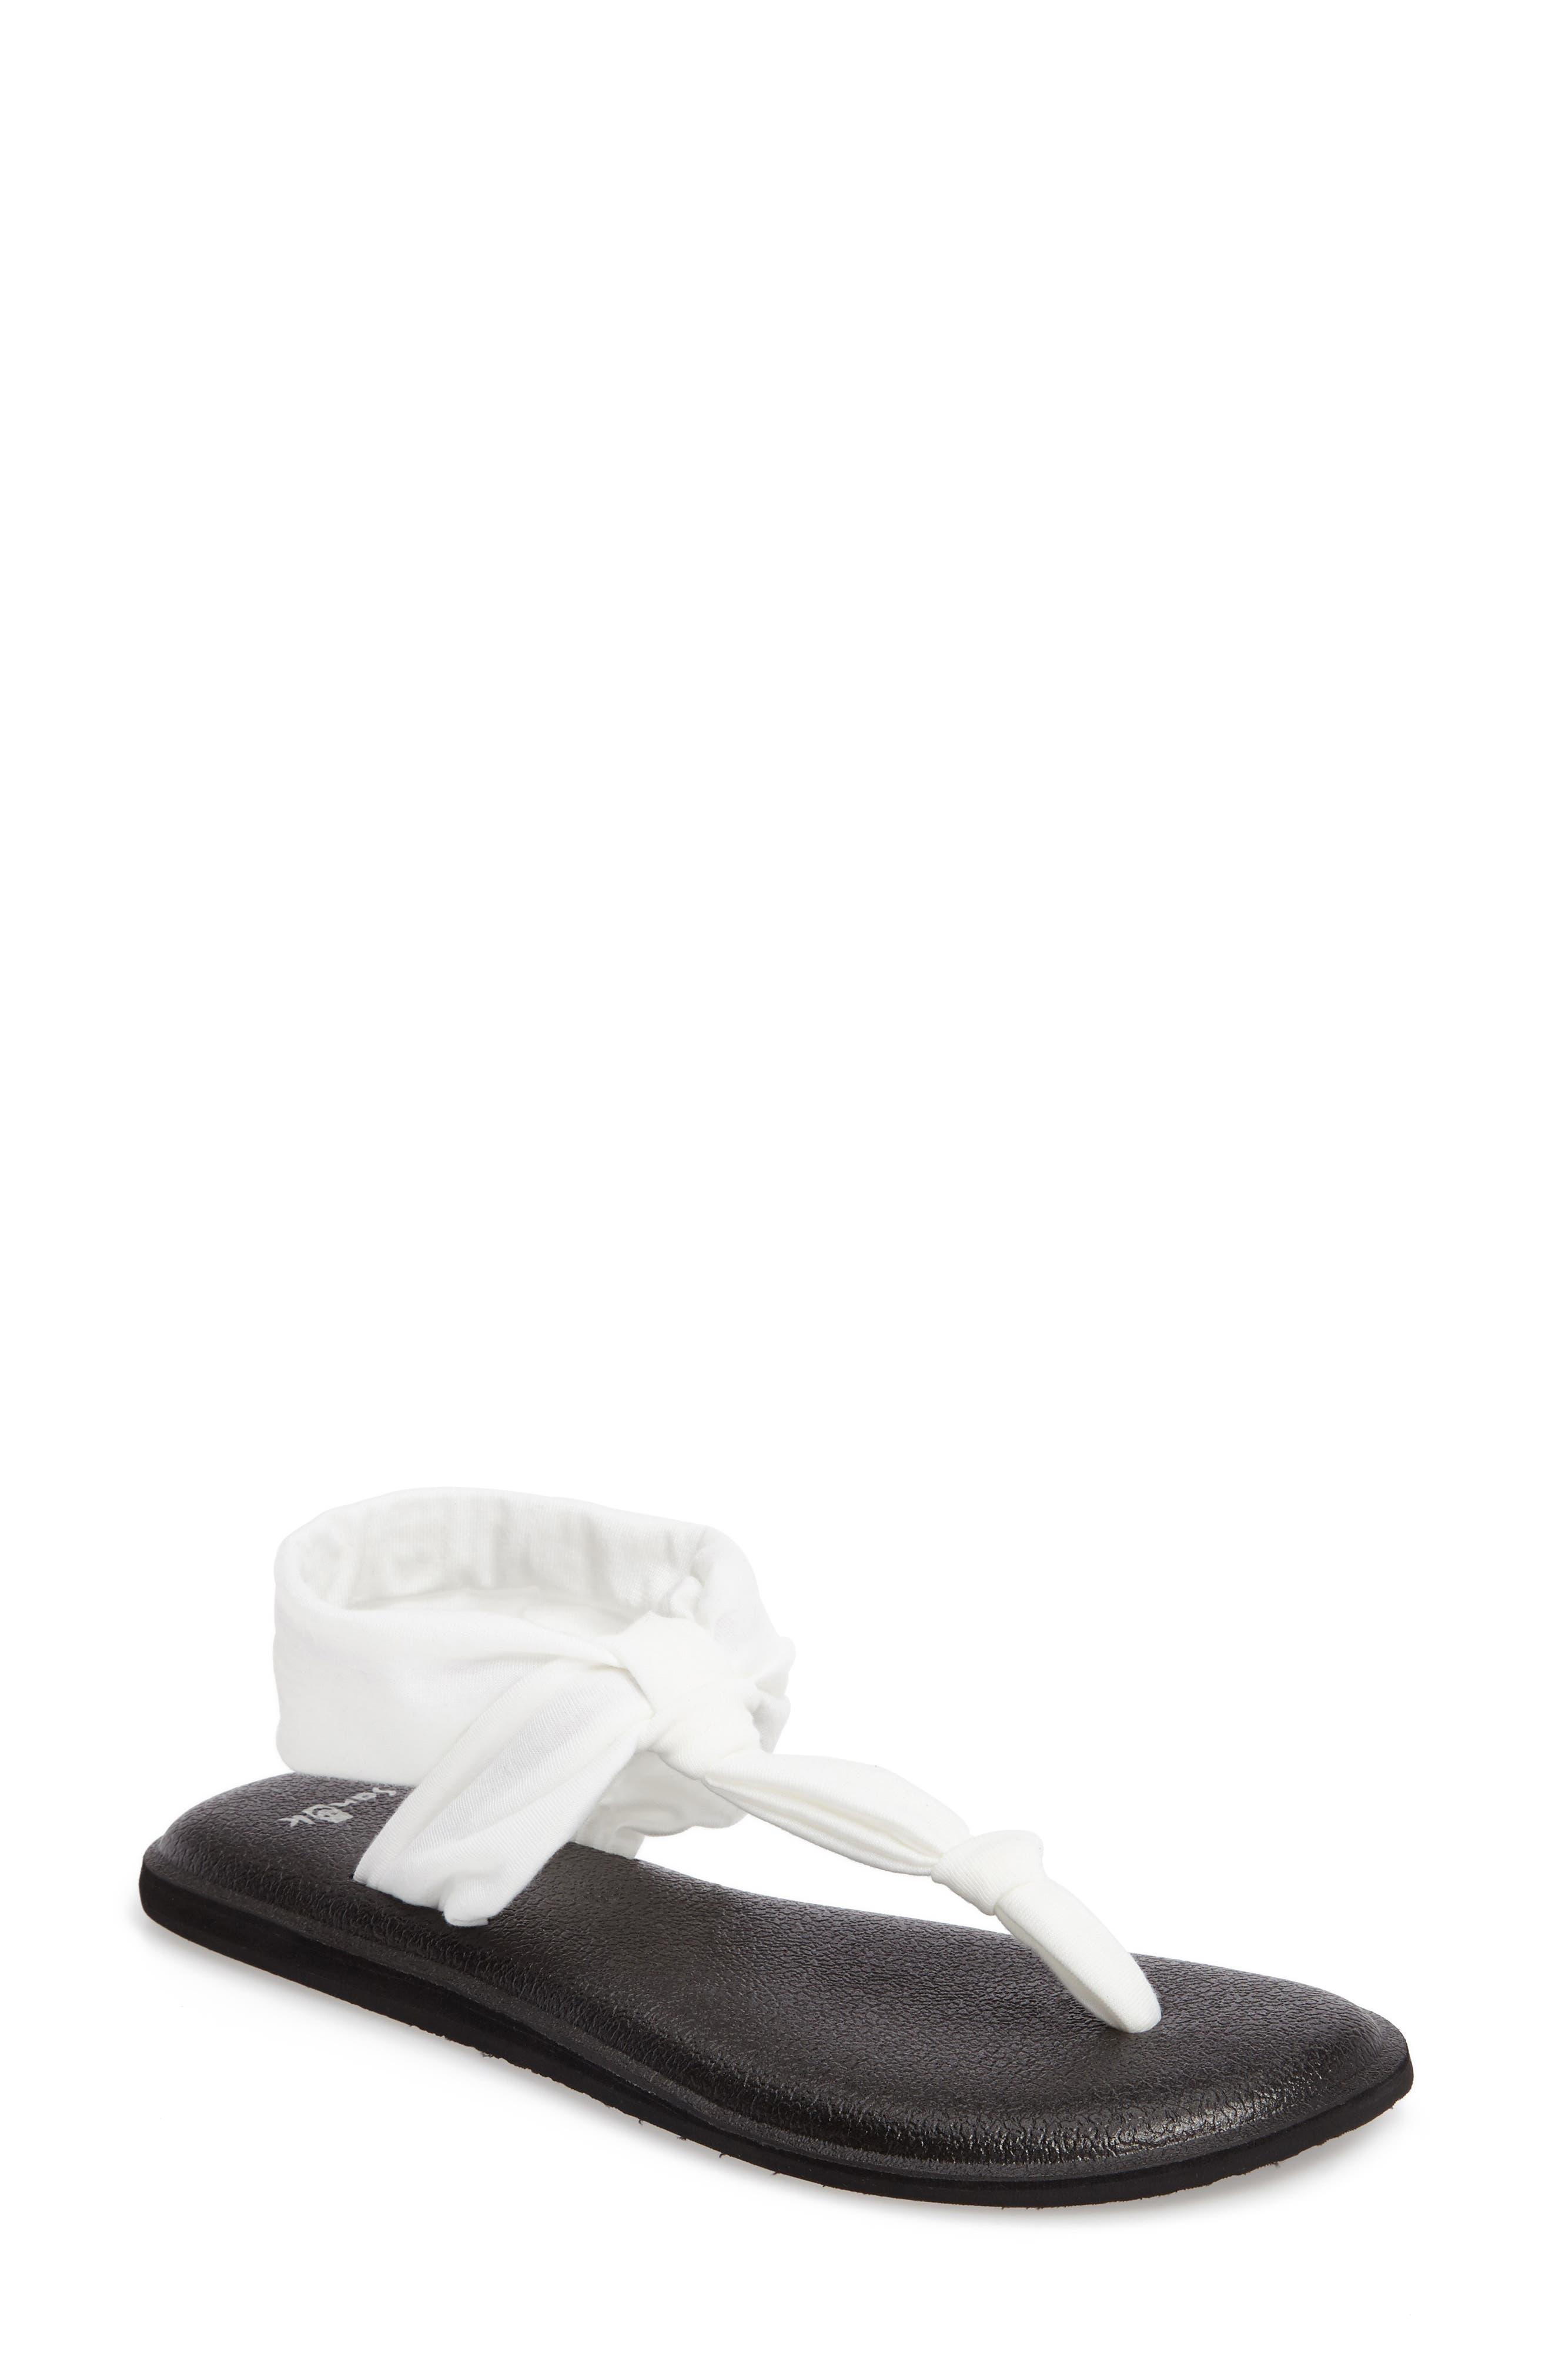 7f564f946cea Sanuk Shoes